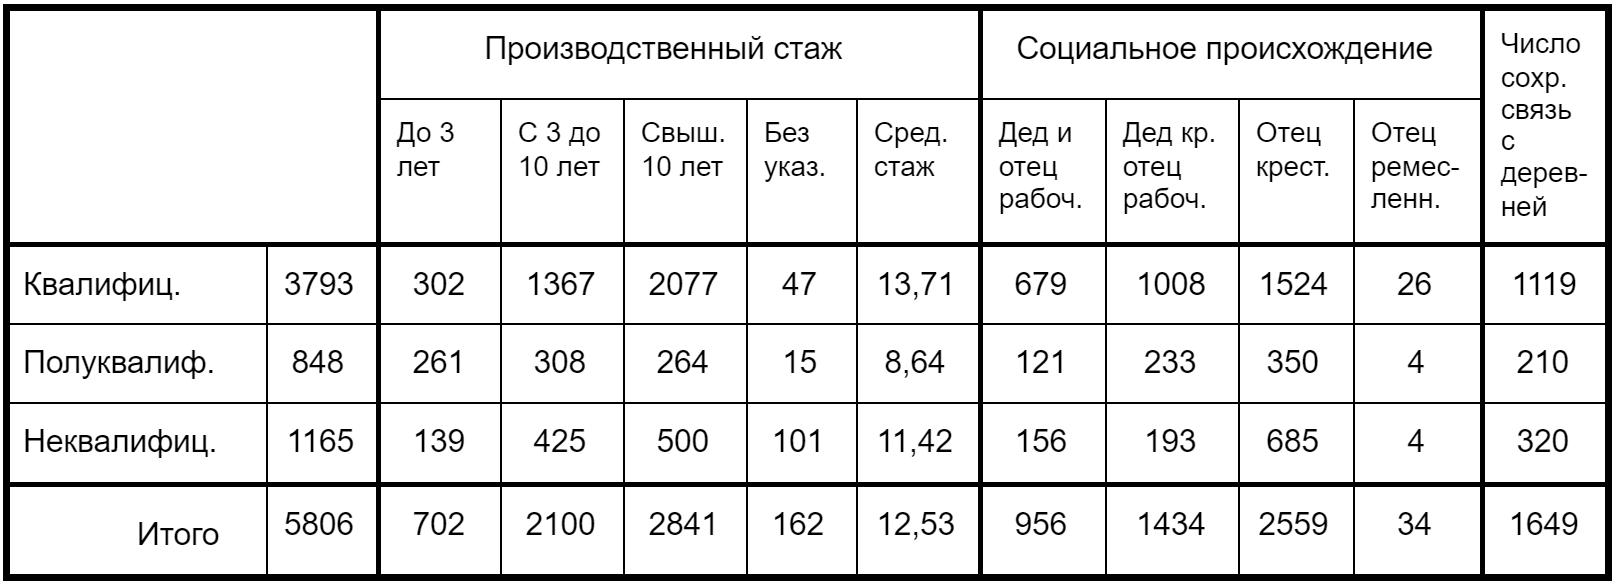 Ленинский призыв 2.png